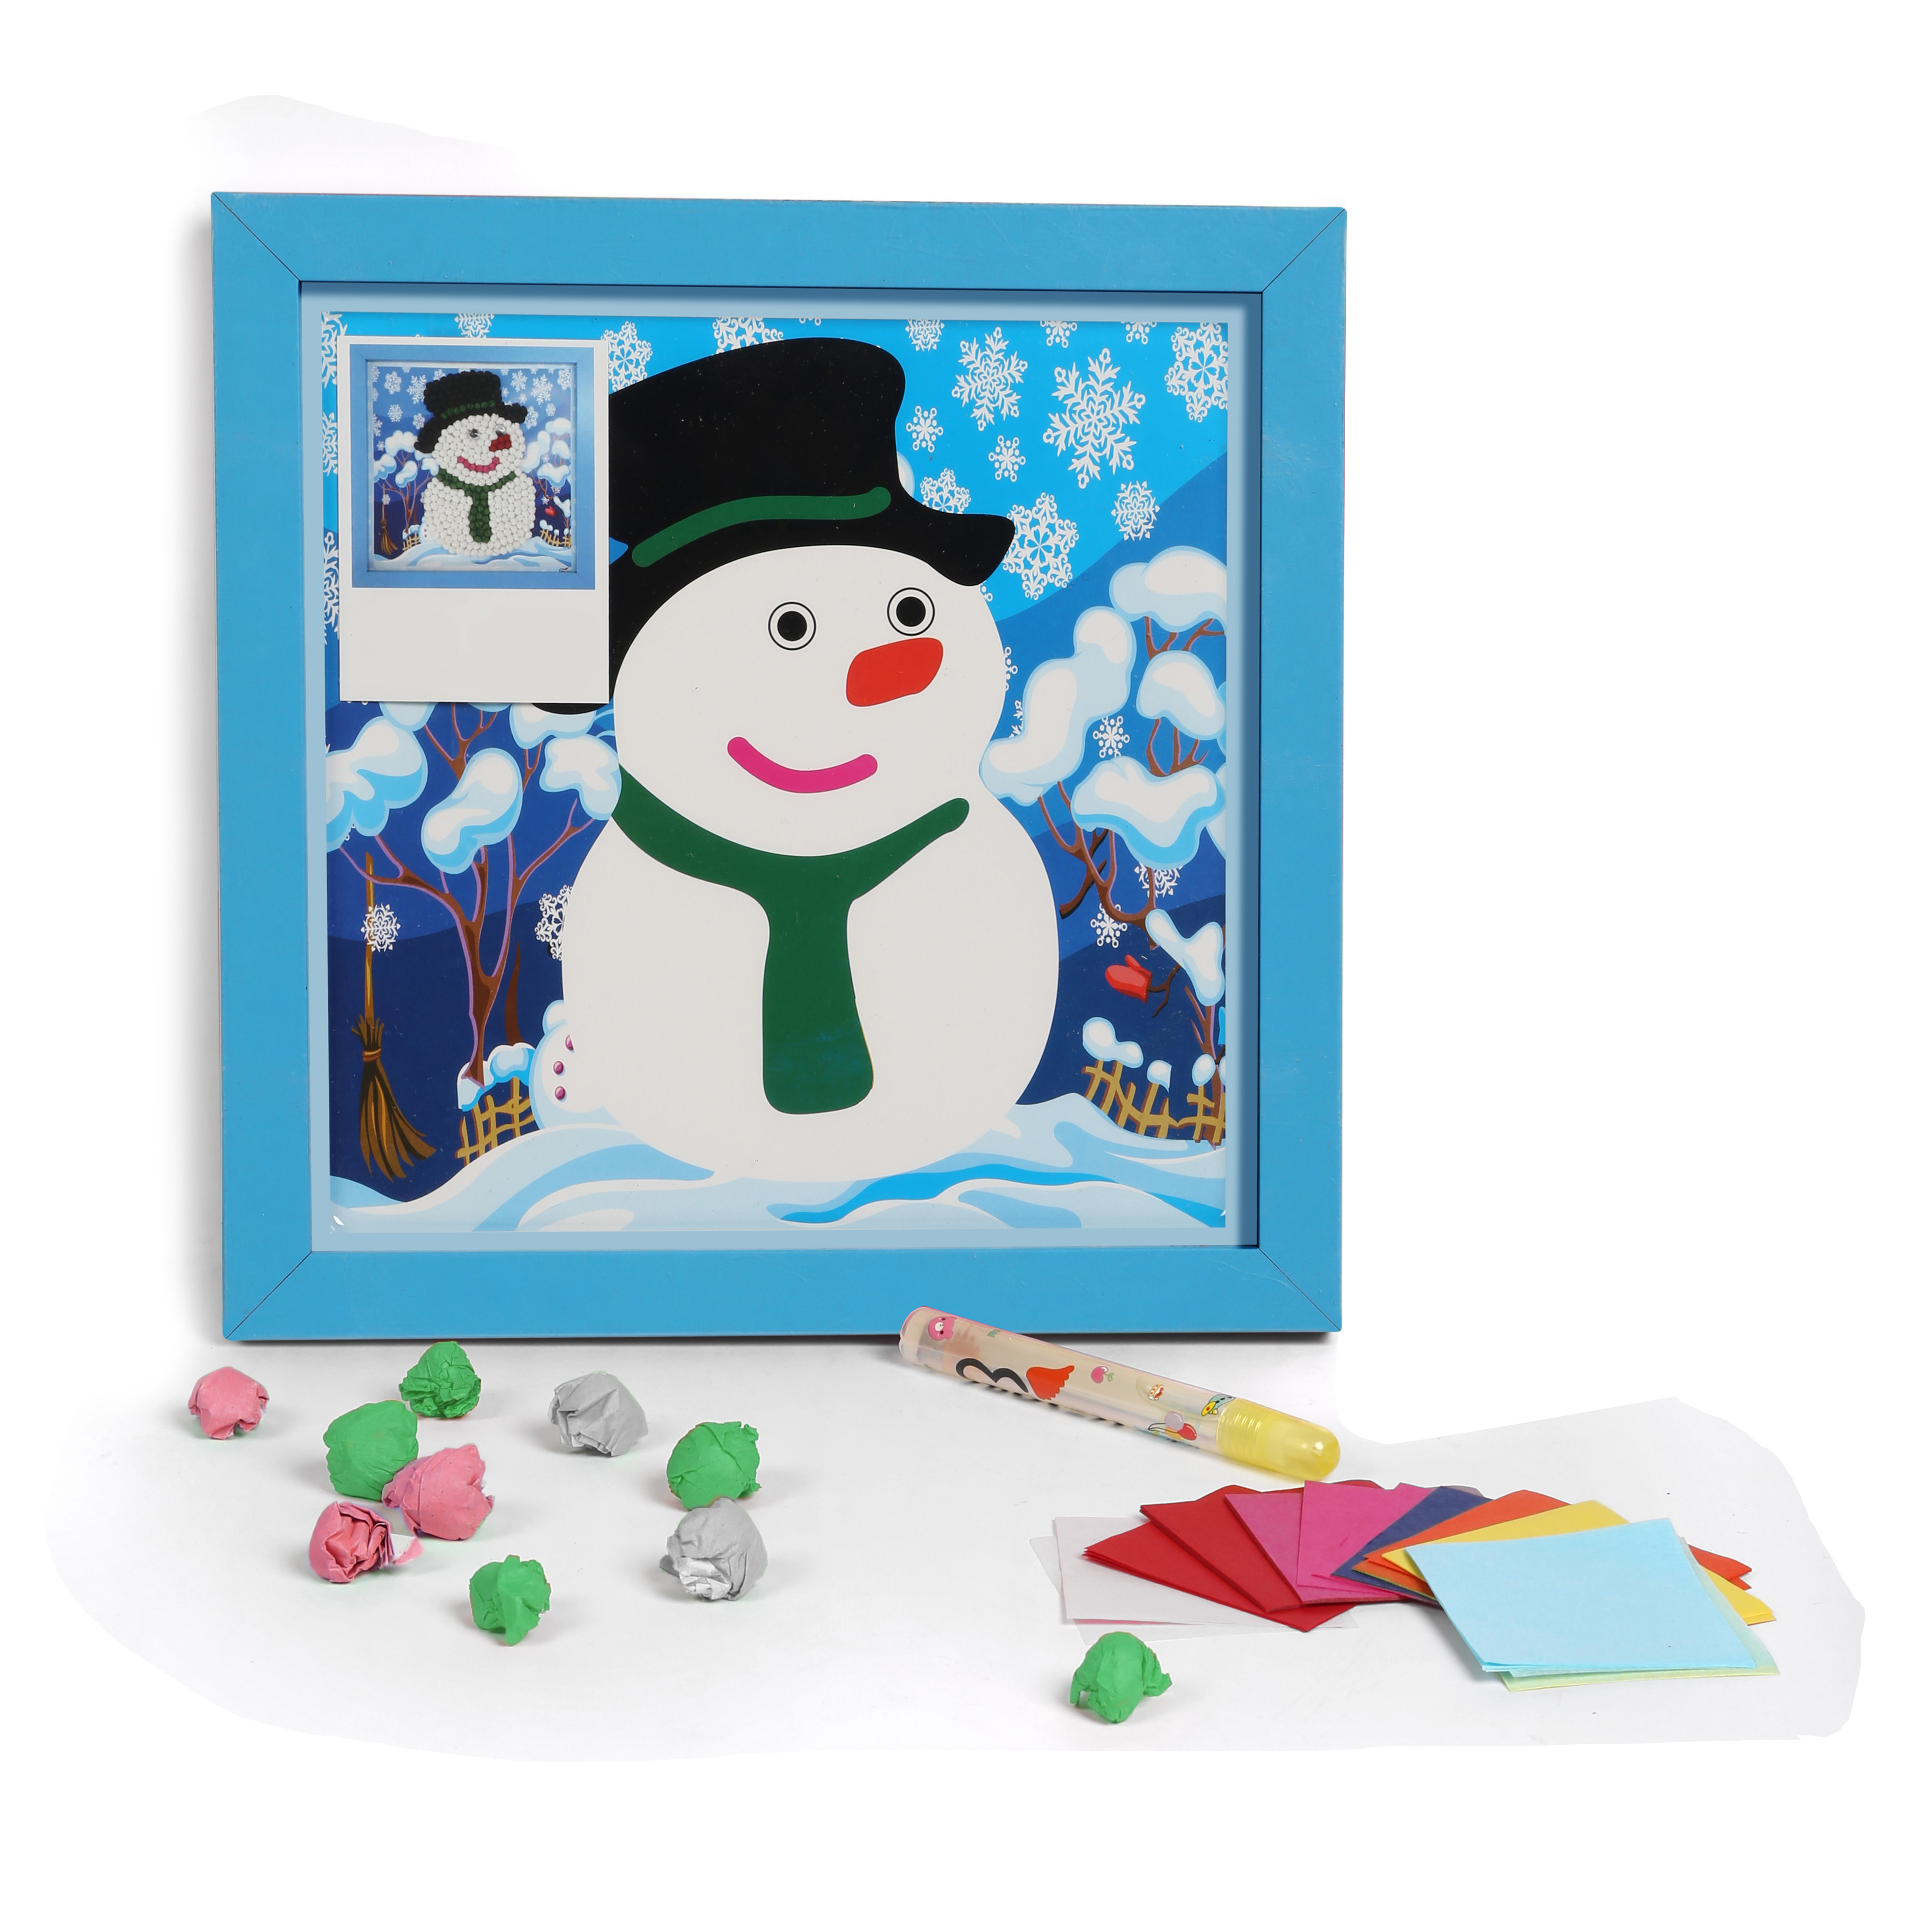 wwwbabyoodlescom Diy 3d Paper Craft Wall Hanging Snowman